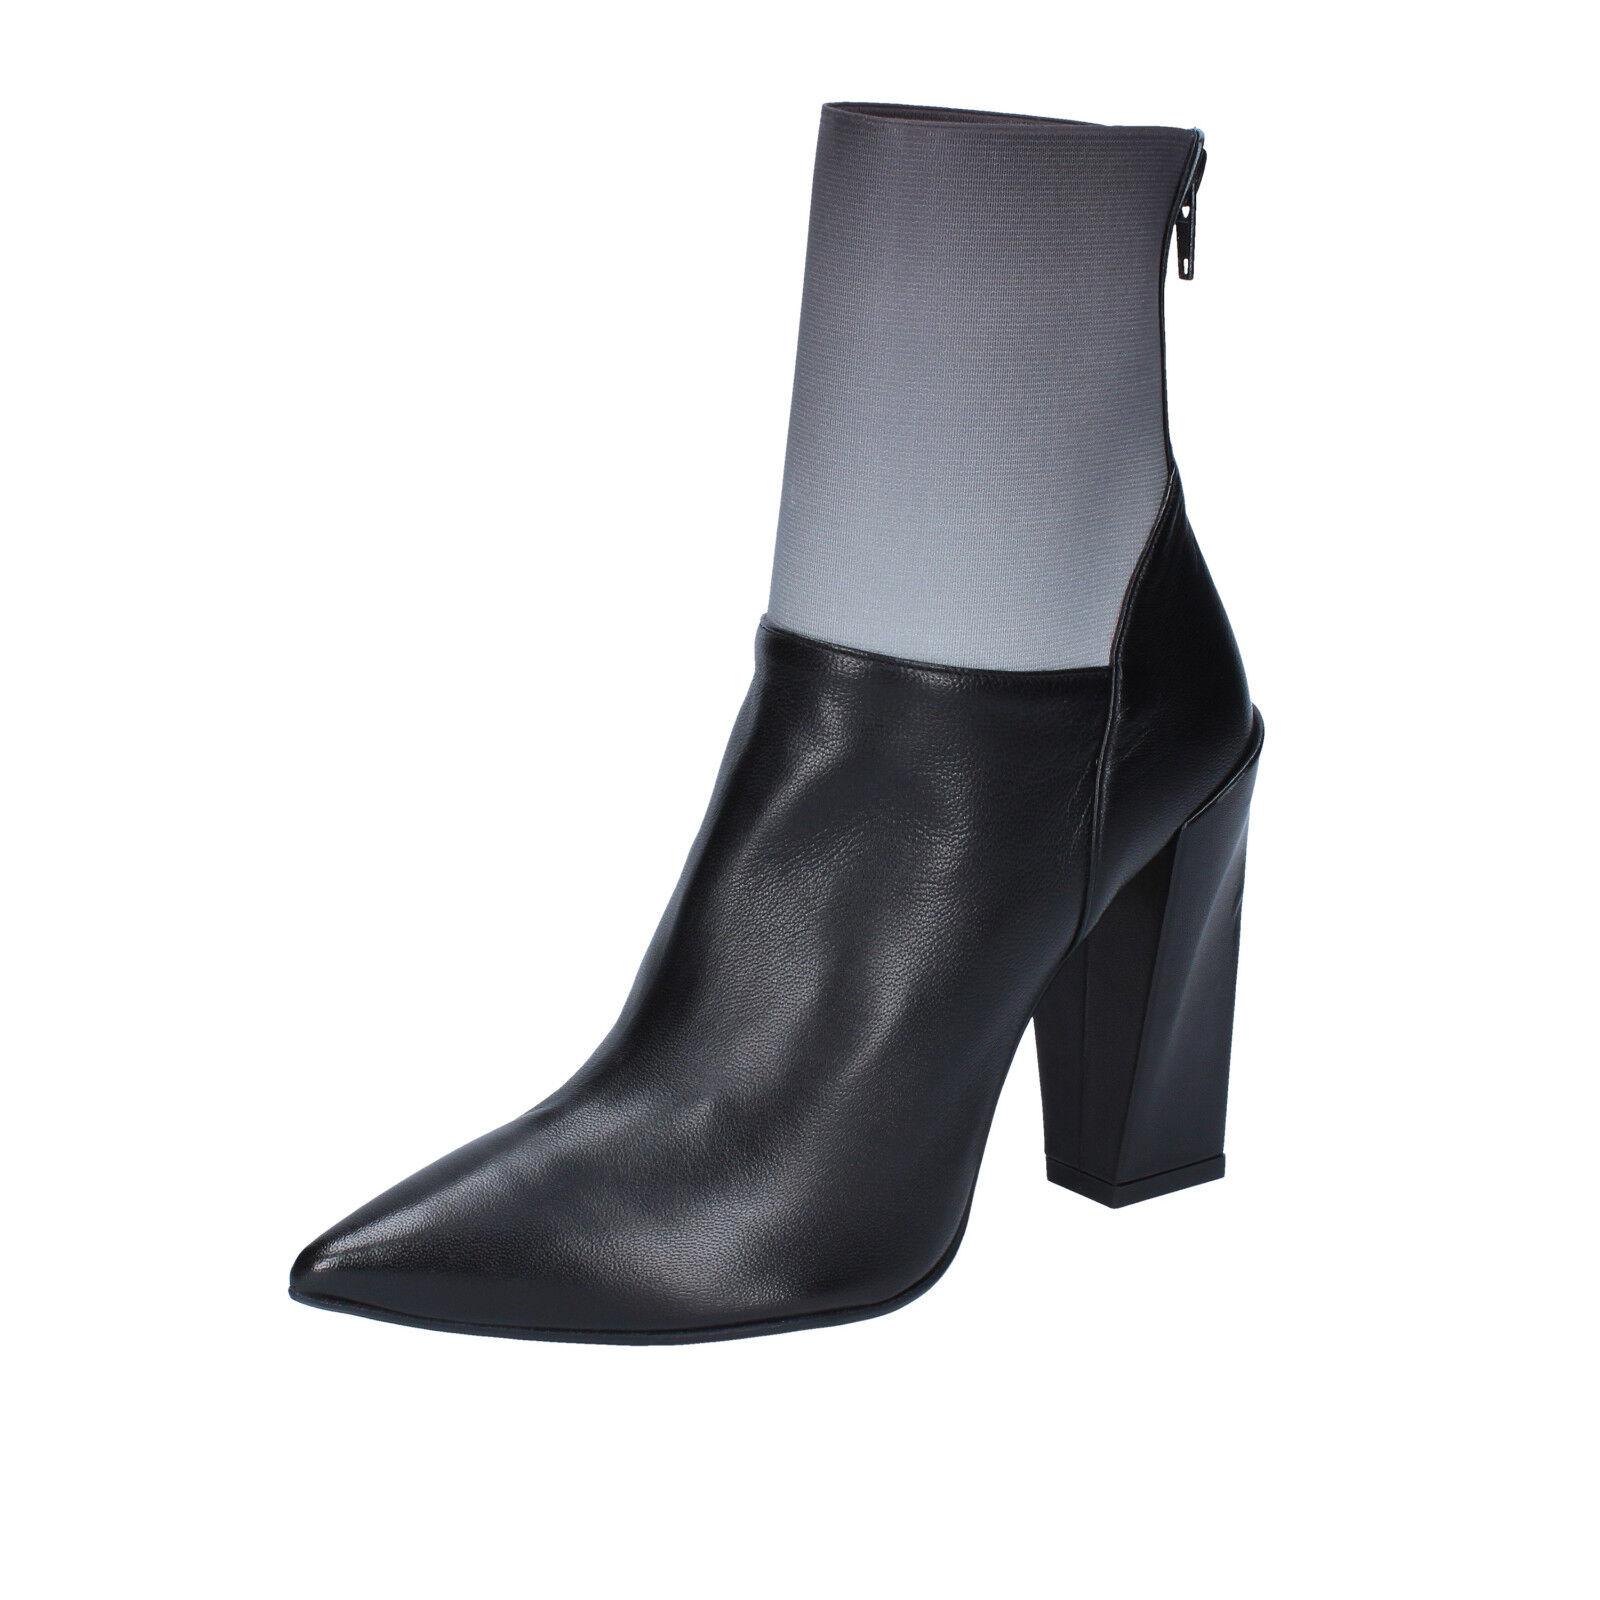 Scarpe donna GIANNI MARRA 37,5 EU tronchetti nero grigio pelle BY766-37,5